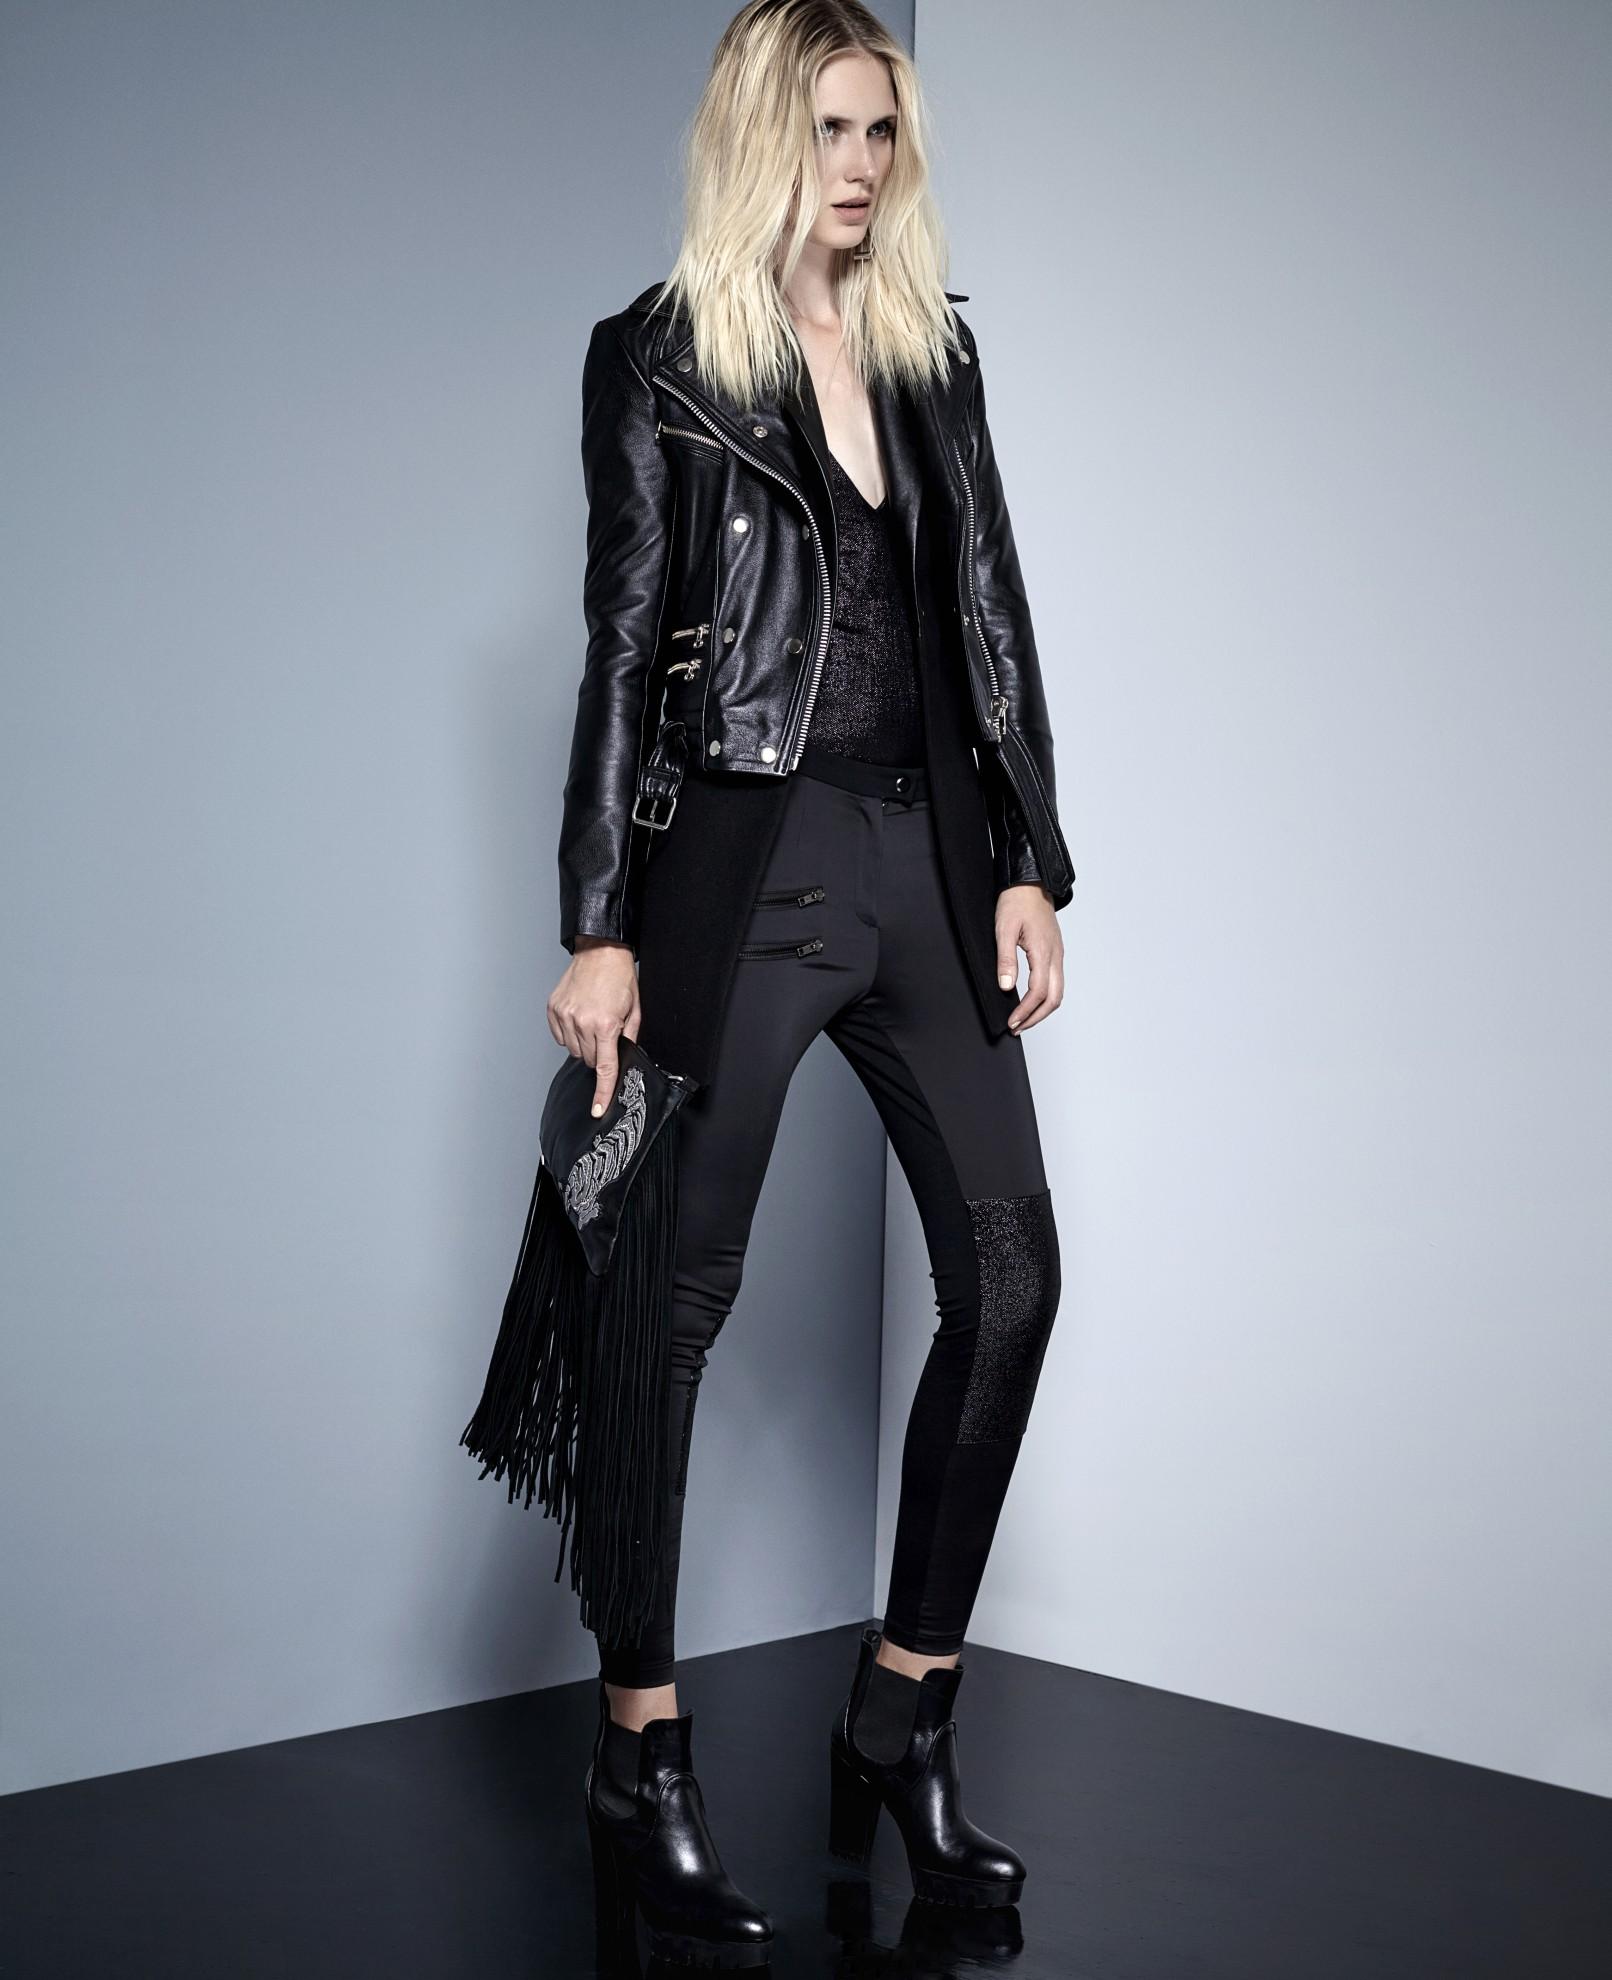 U00bfCu00f3mo vestirnos en noches de invierno? u2013 Fashion Diaries | Blog de moda